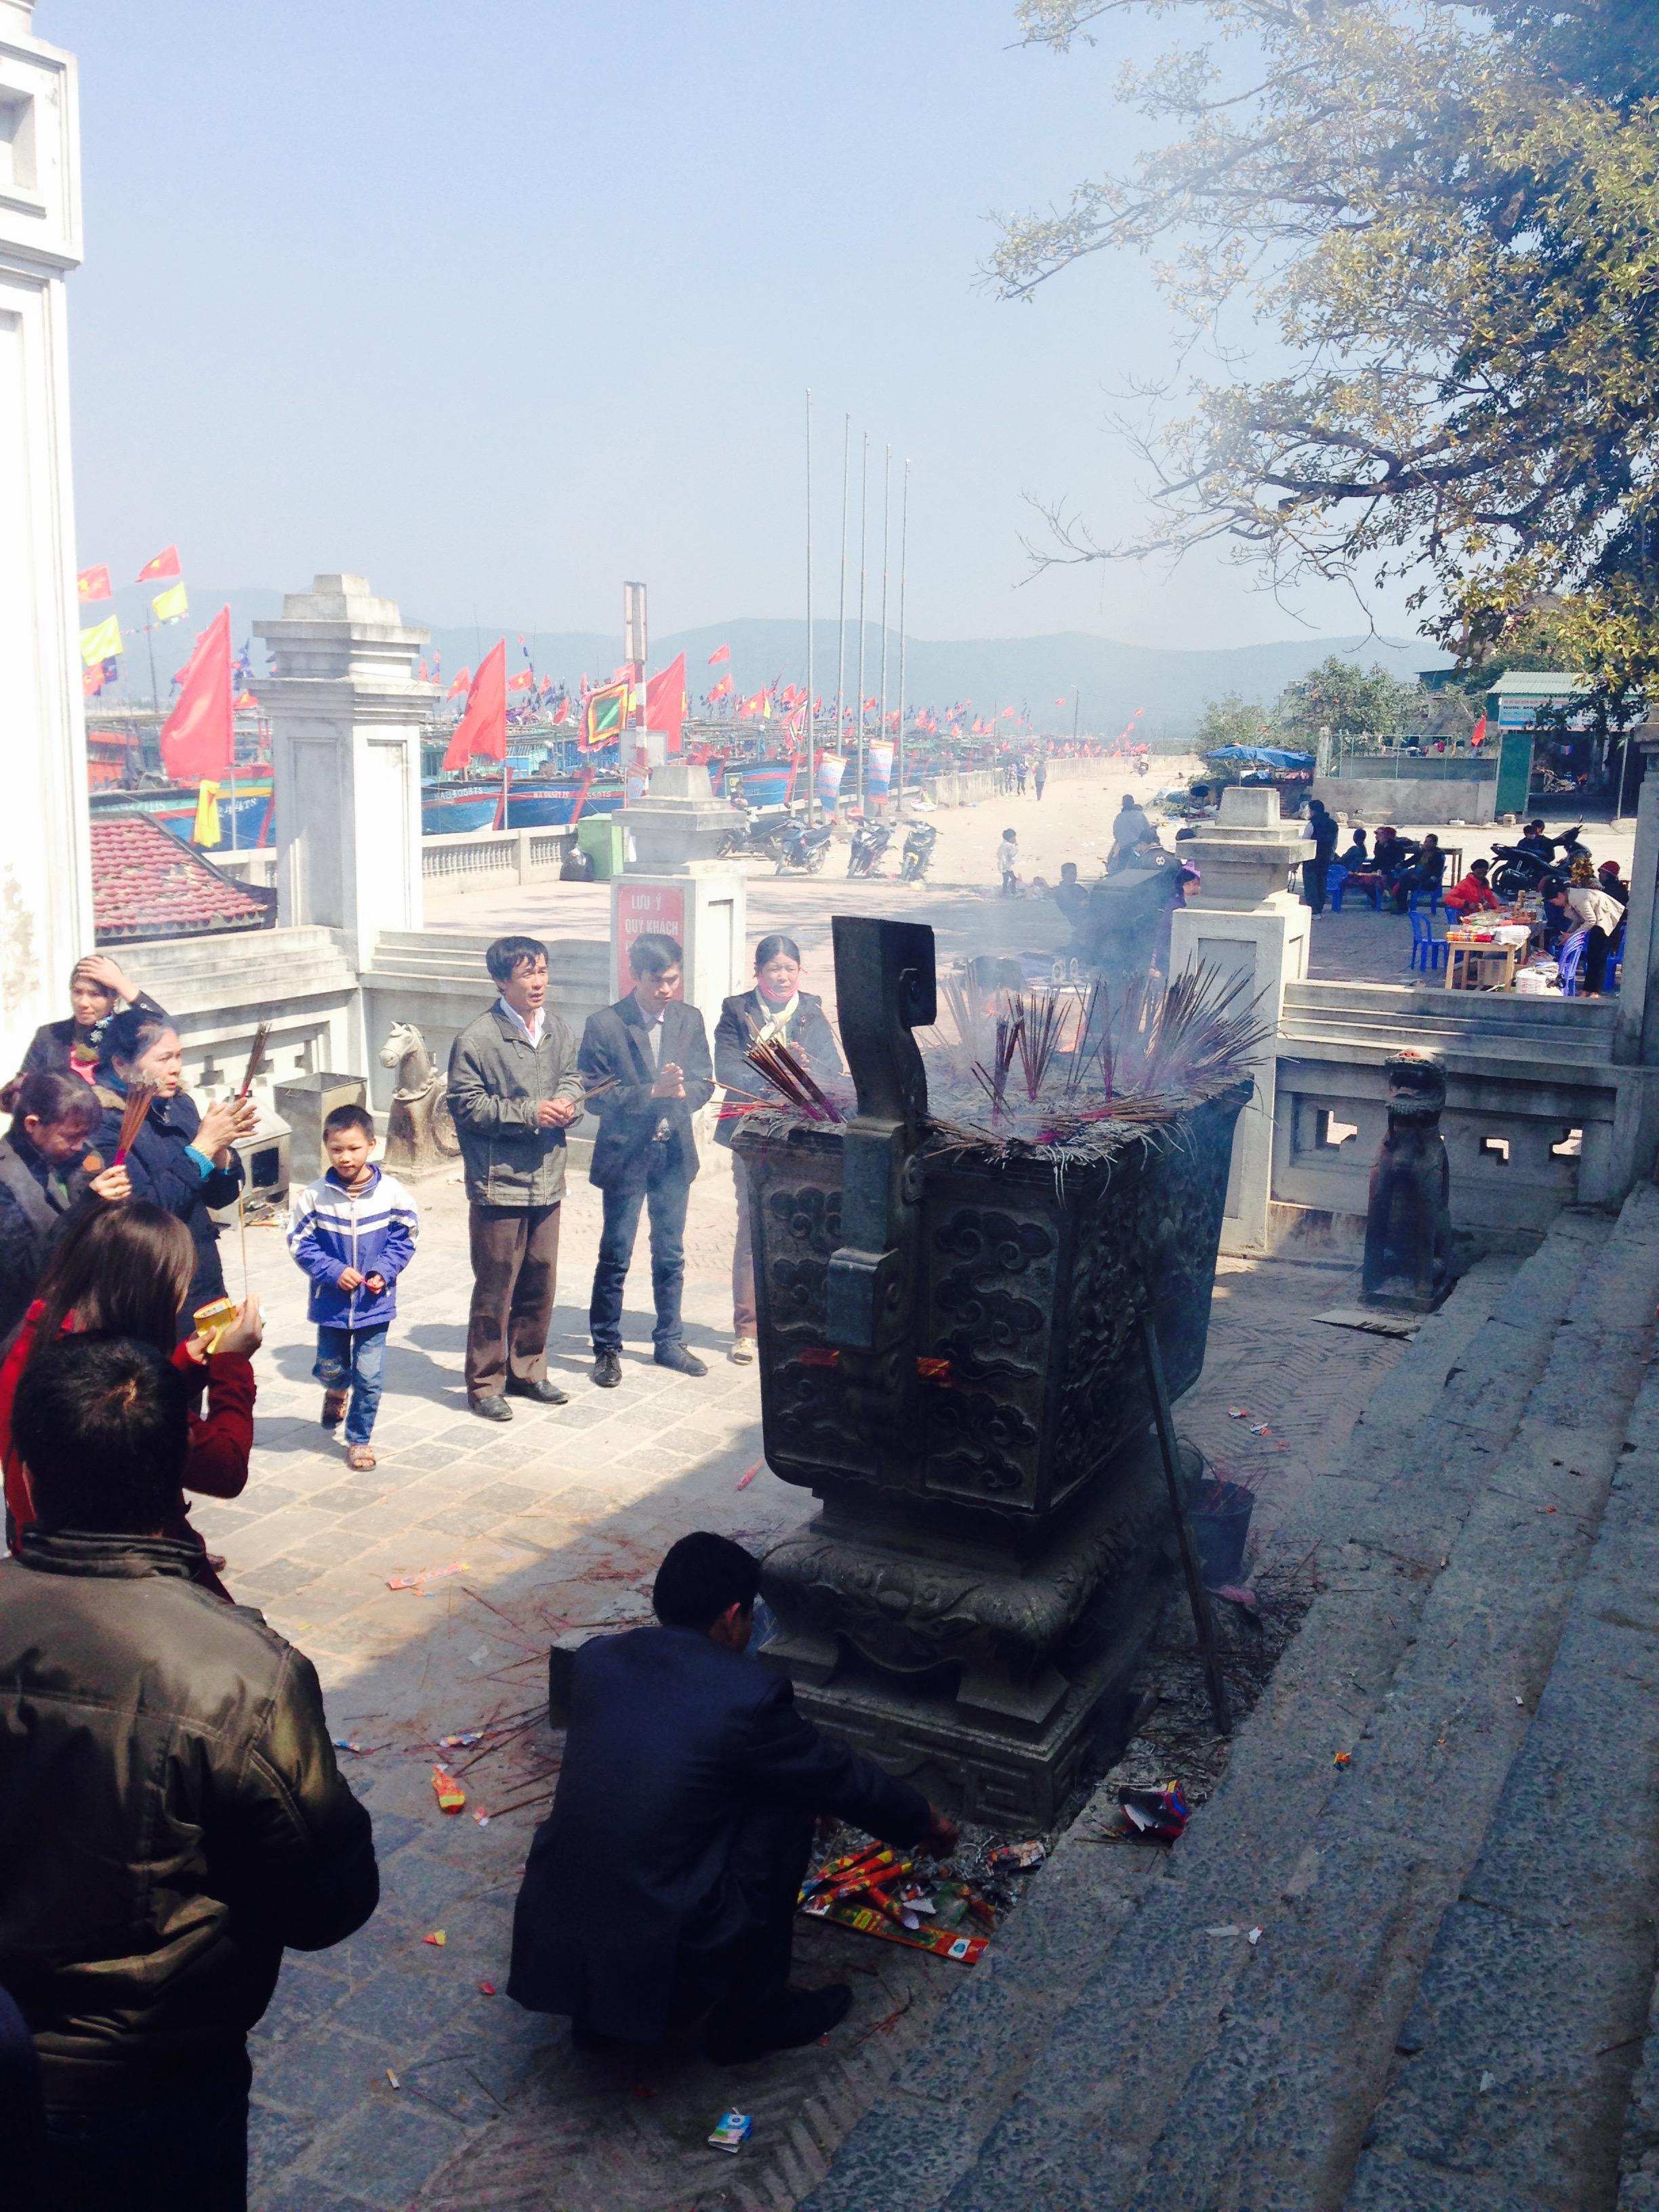 Phản cảm cảnh lễ bái lộn xộn tại ngôi đền nổi tiếng linh thiêng đất Nghệ 3